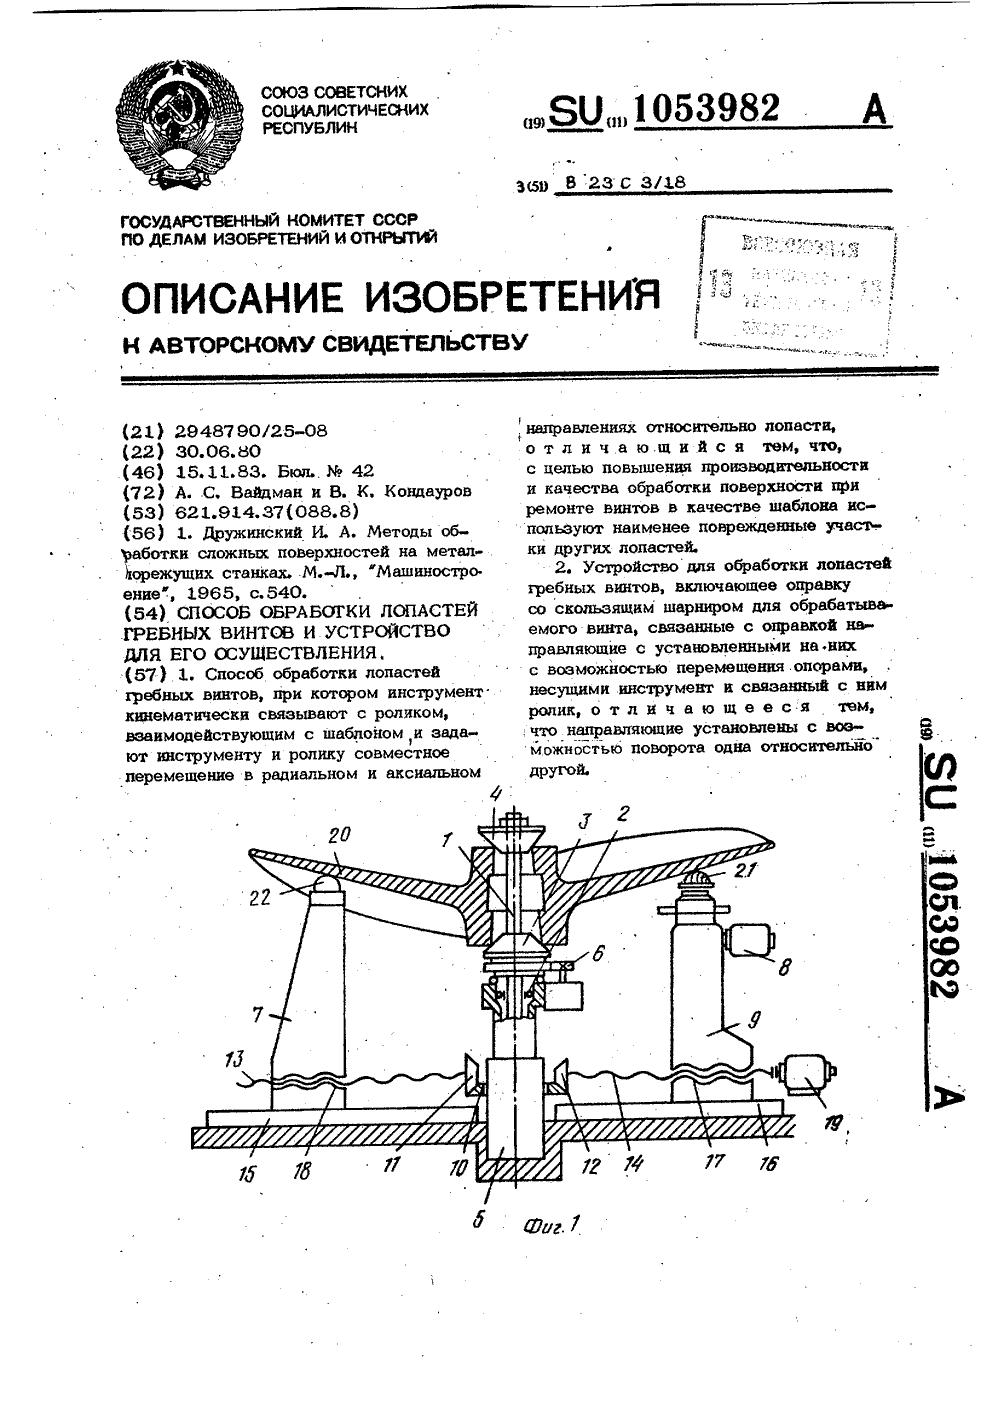 технология обработки гребных винтов